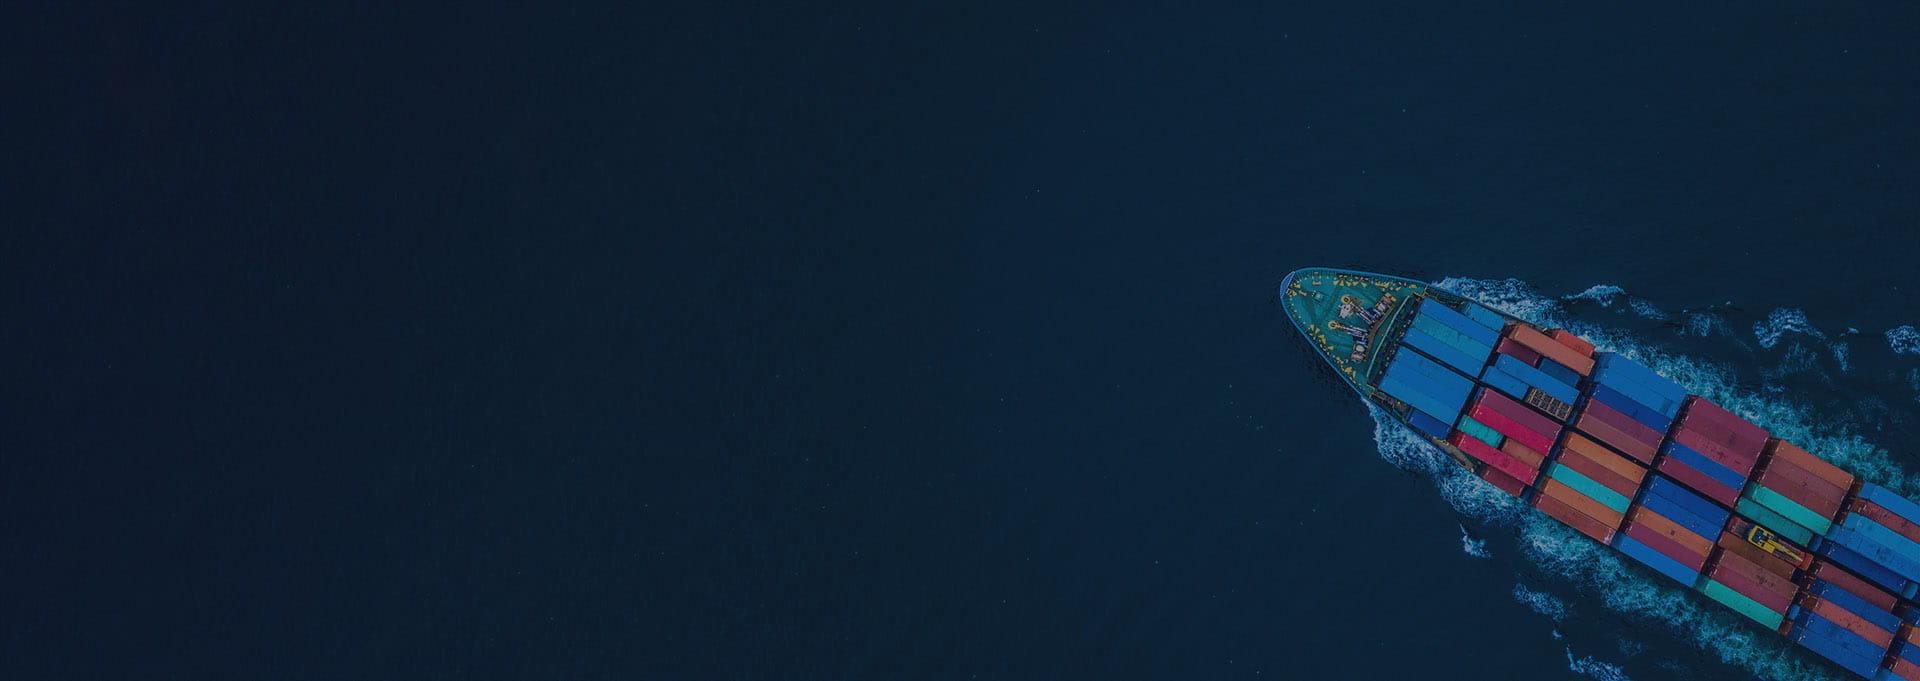 Brimit Enterprise Web Development Services